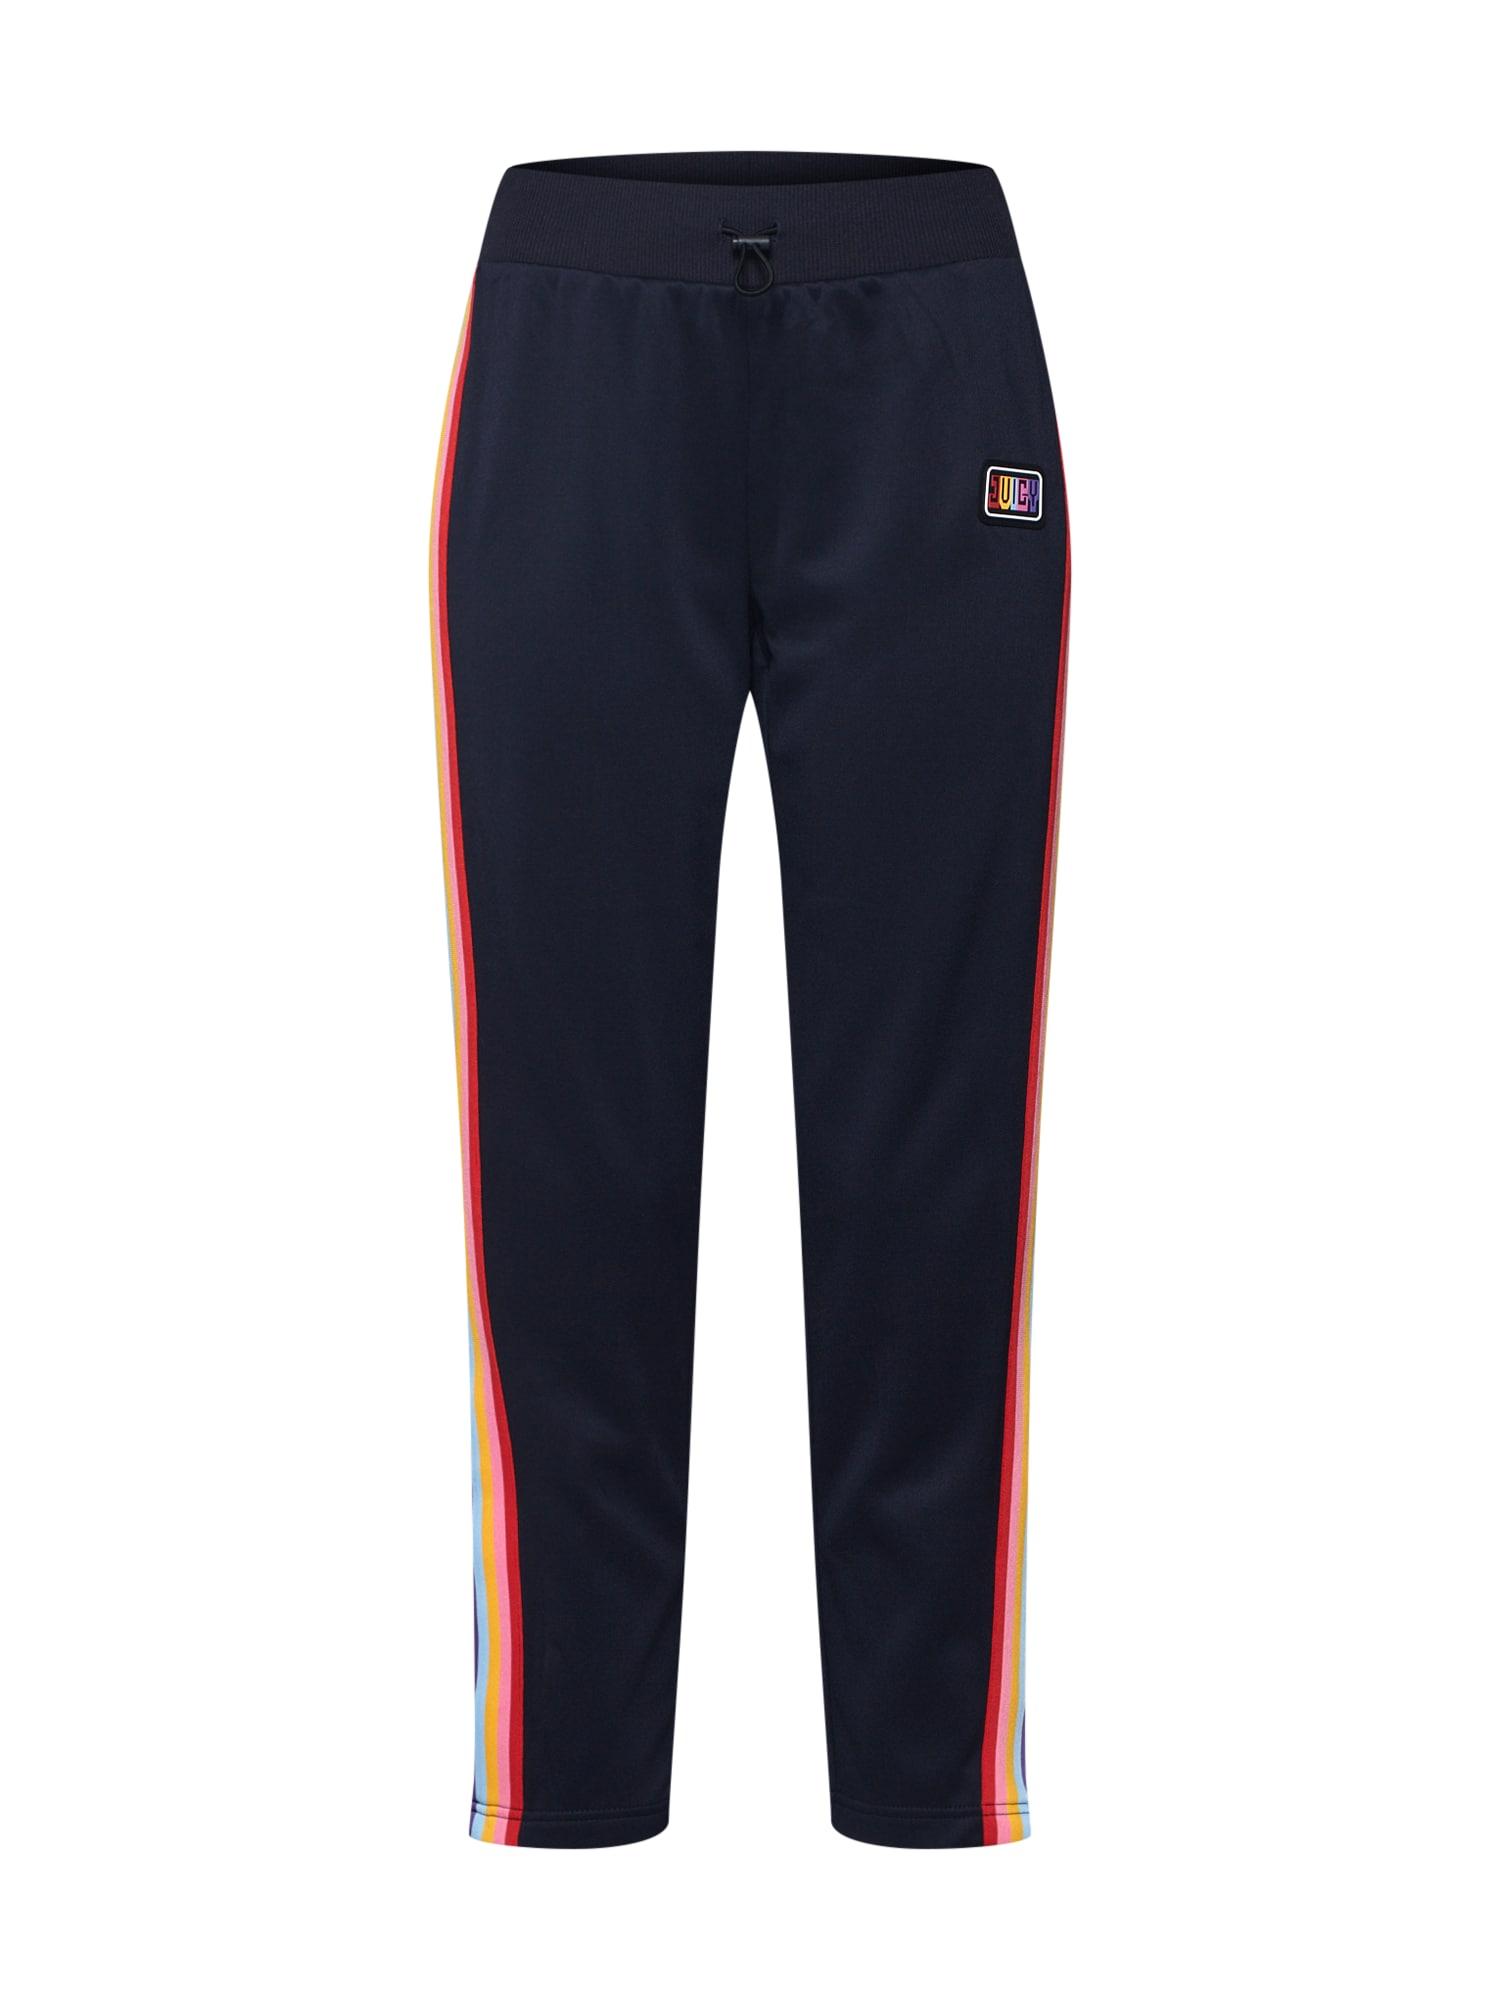 Kalhoty RAINBOW SIDE STRIPED TRICOT TRACK PANT námořnická modř mix barev Juicy By Juicy Couture